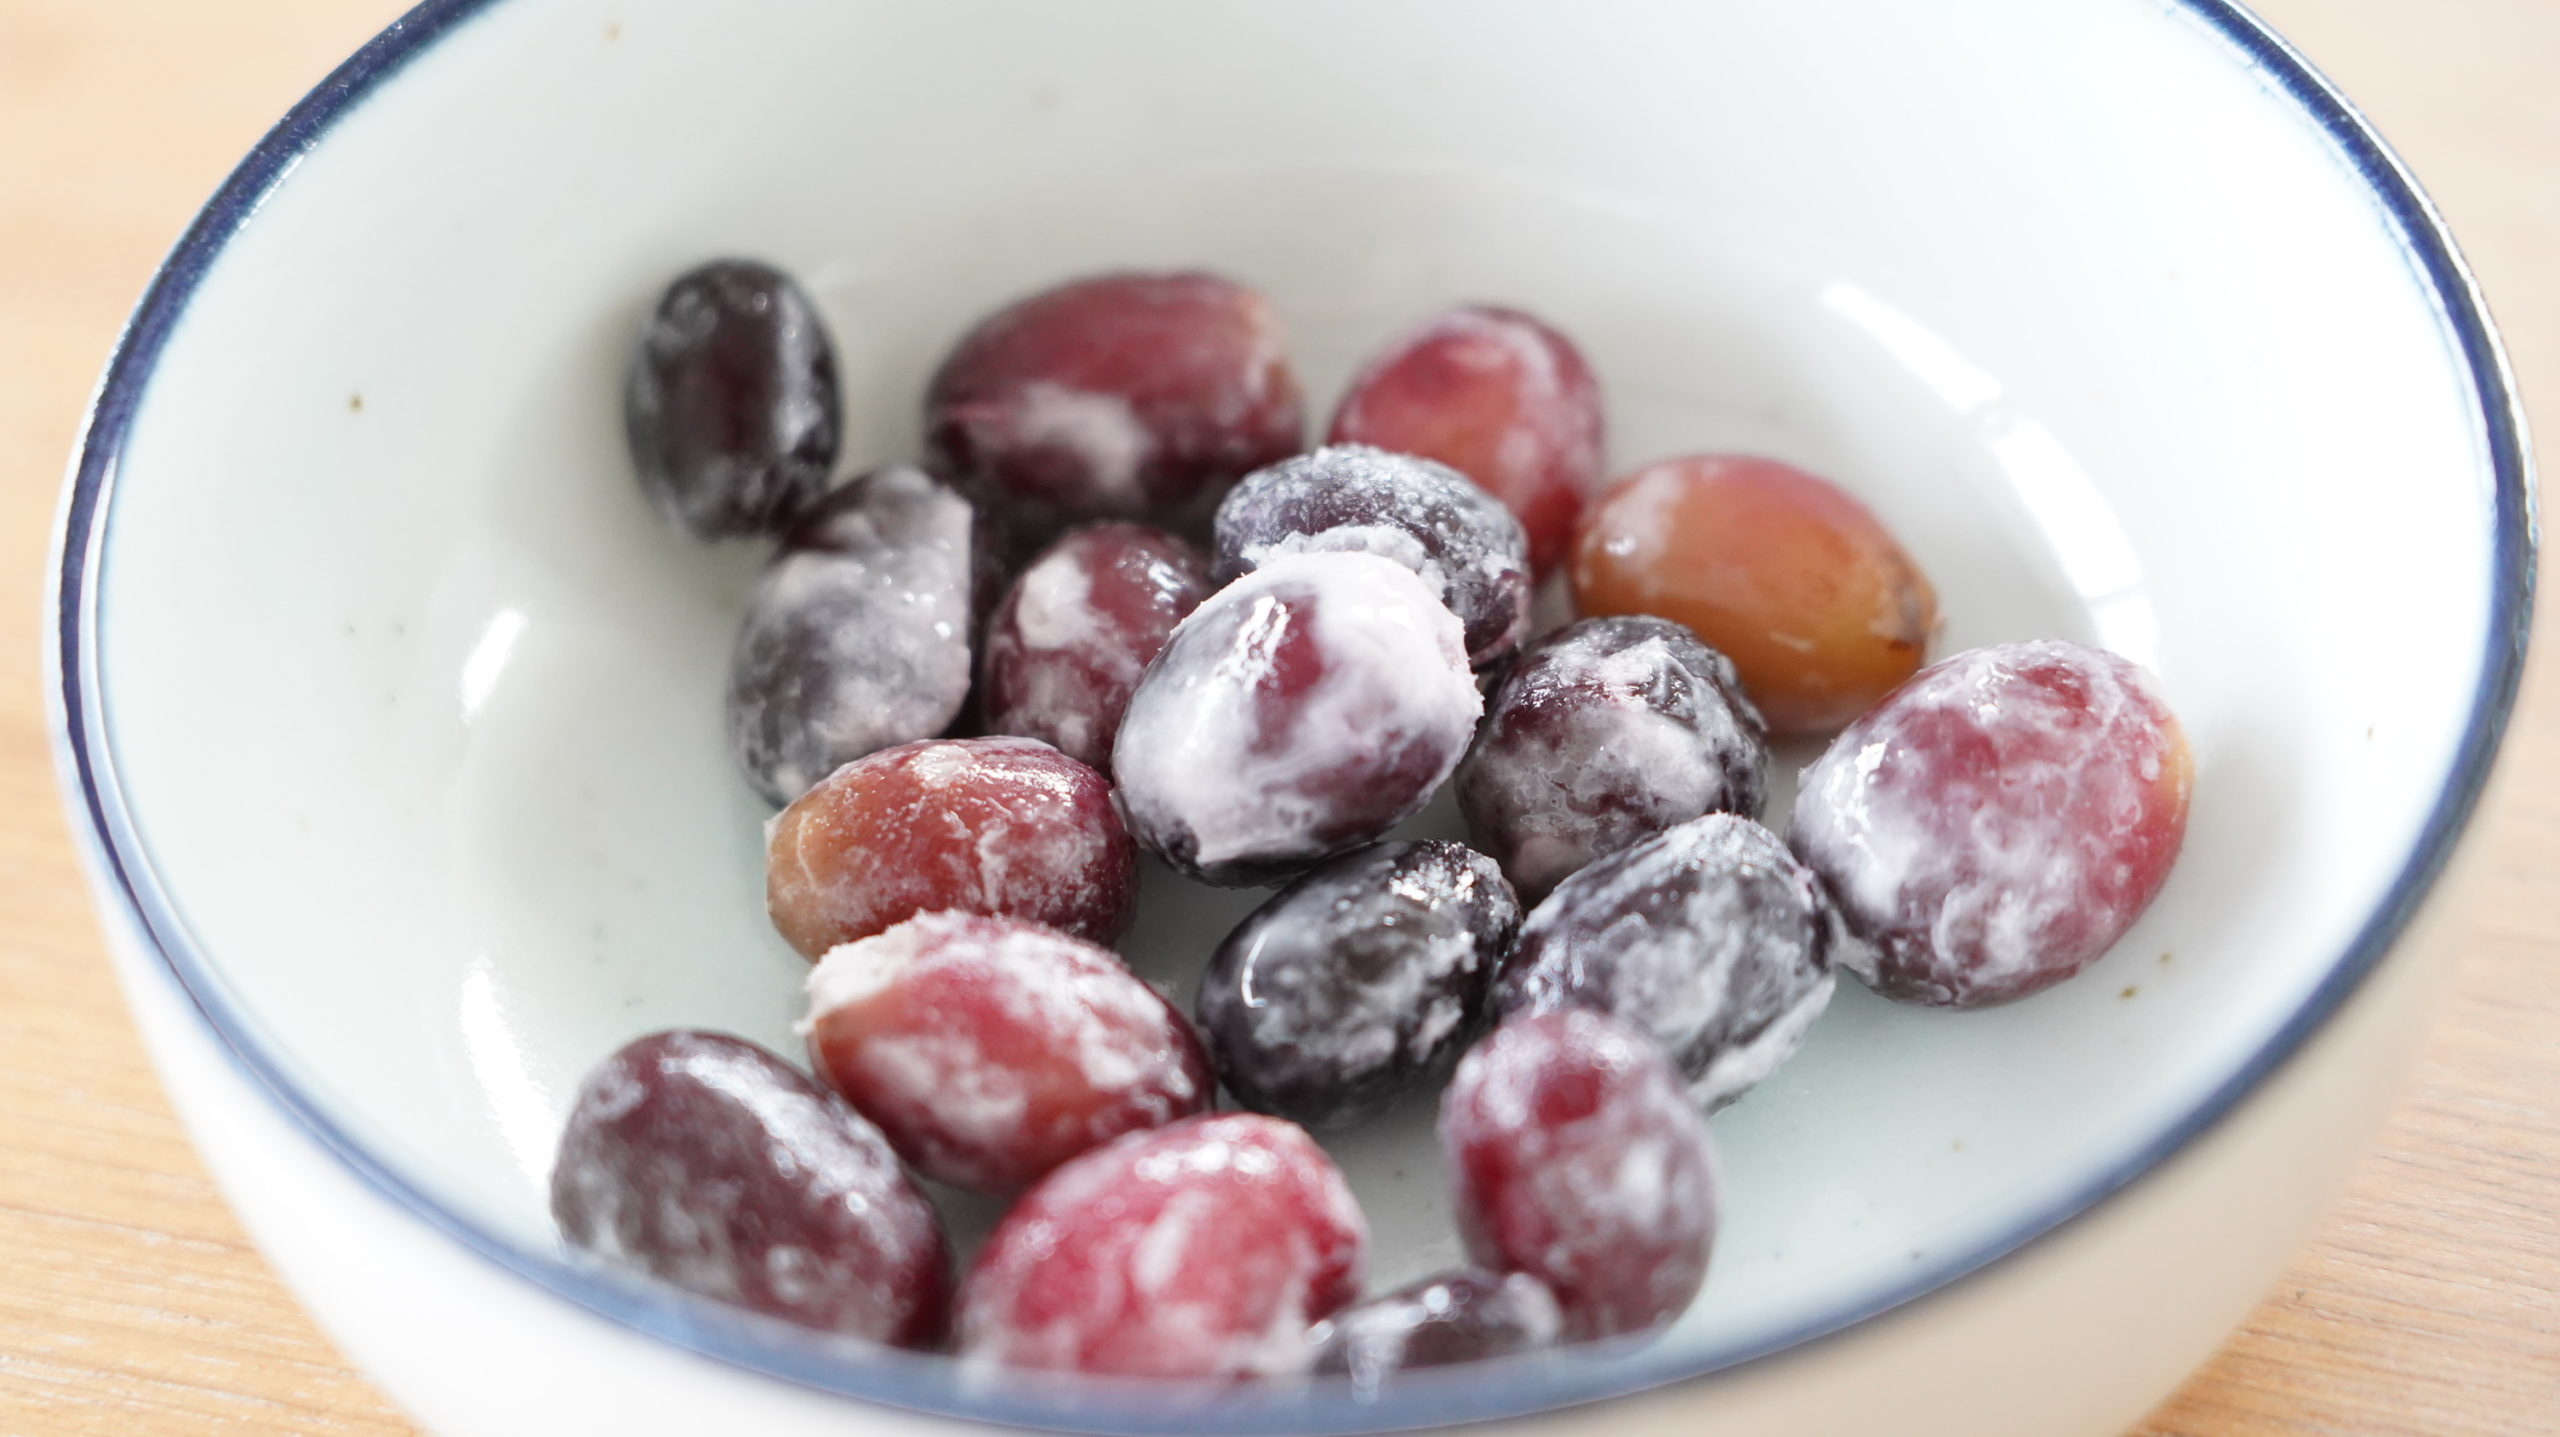 ぶどう そのまま 食べる 【冷凍食品】セブンイレブンの「皮まで食べられるぶどう」が何事にもちょうどイイ